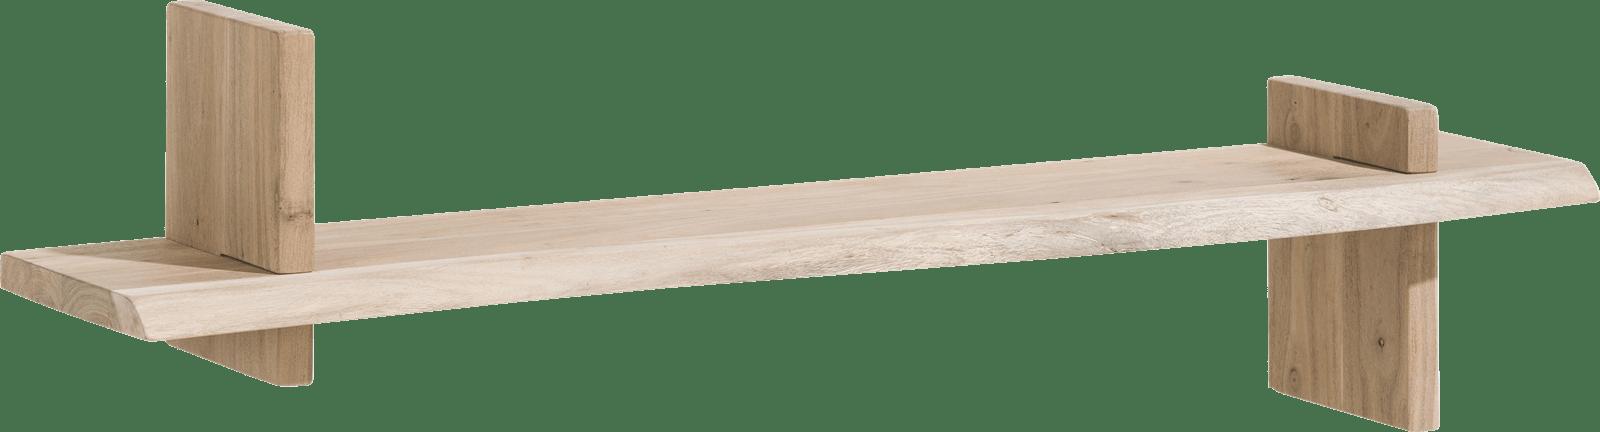 Happy@Home - Ajezi - wandplank 120 cm (knock down)